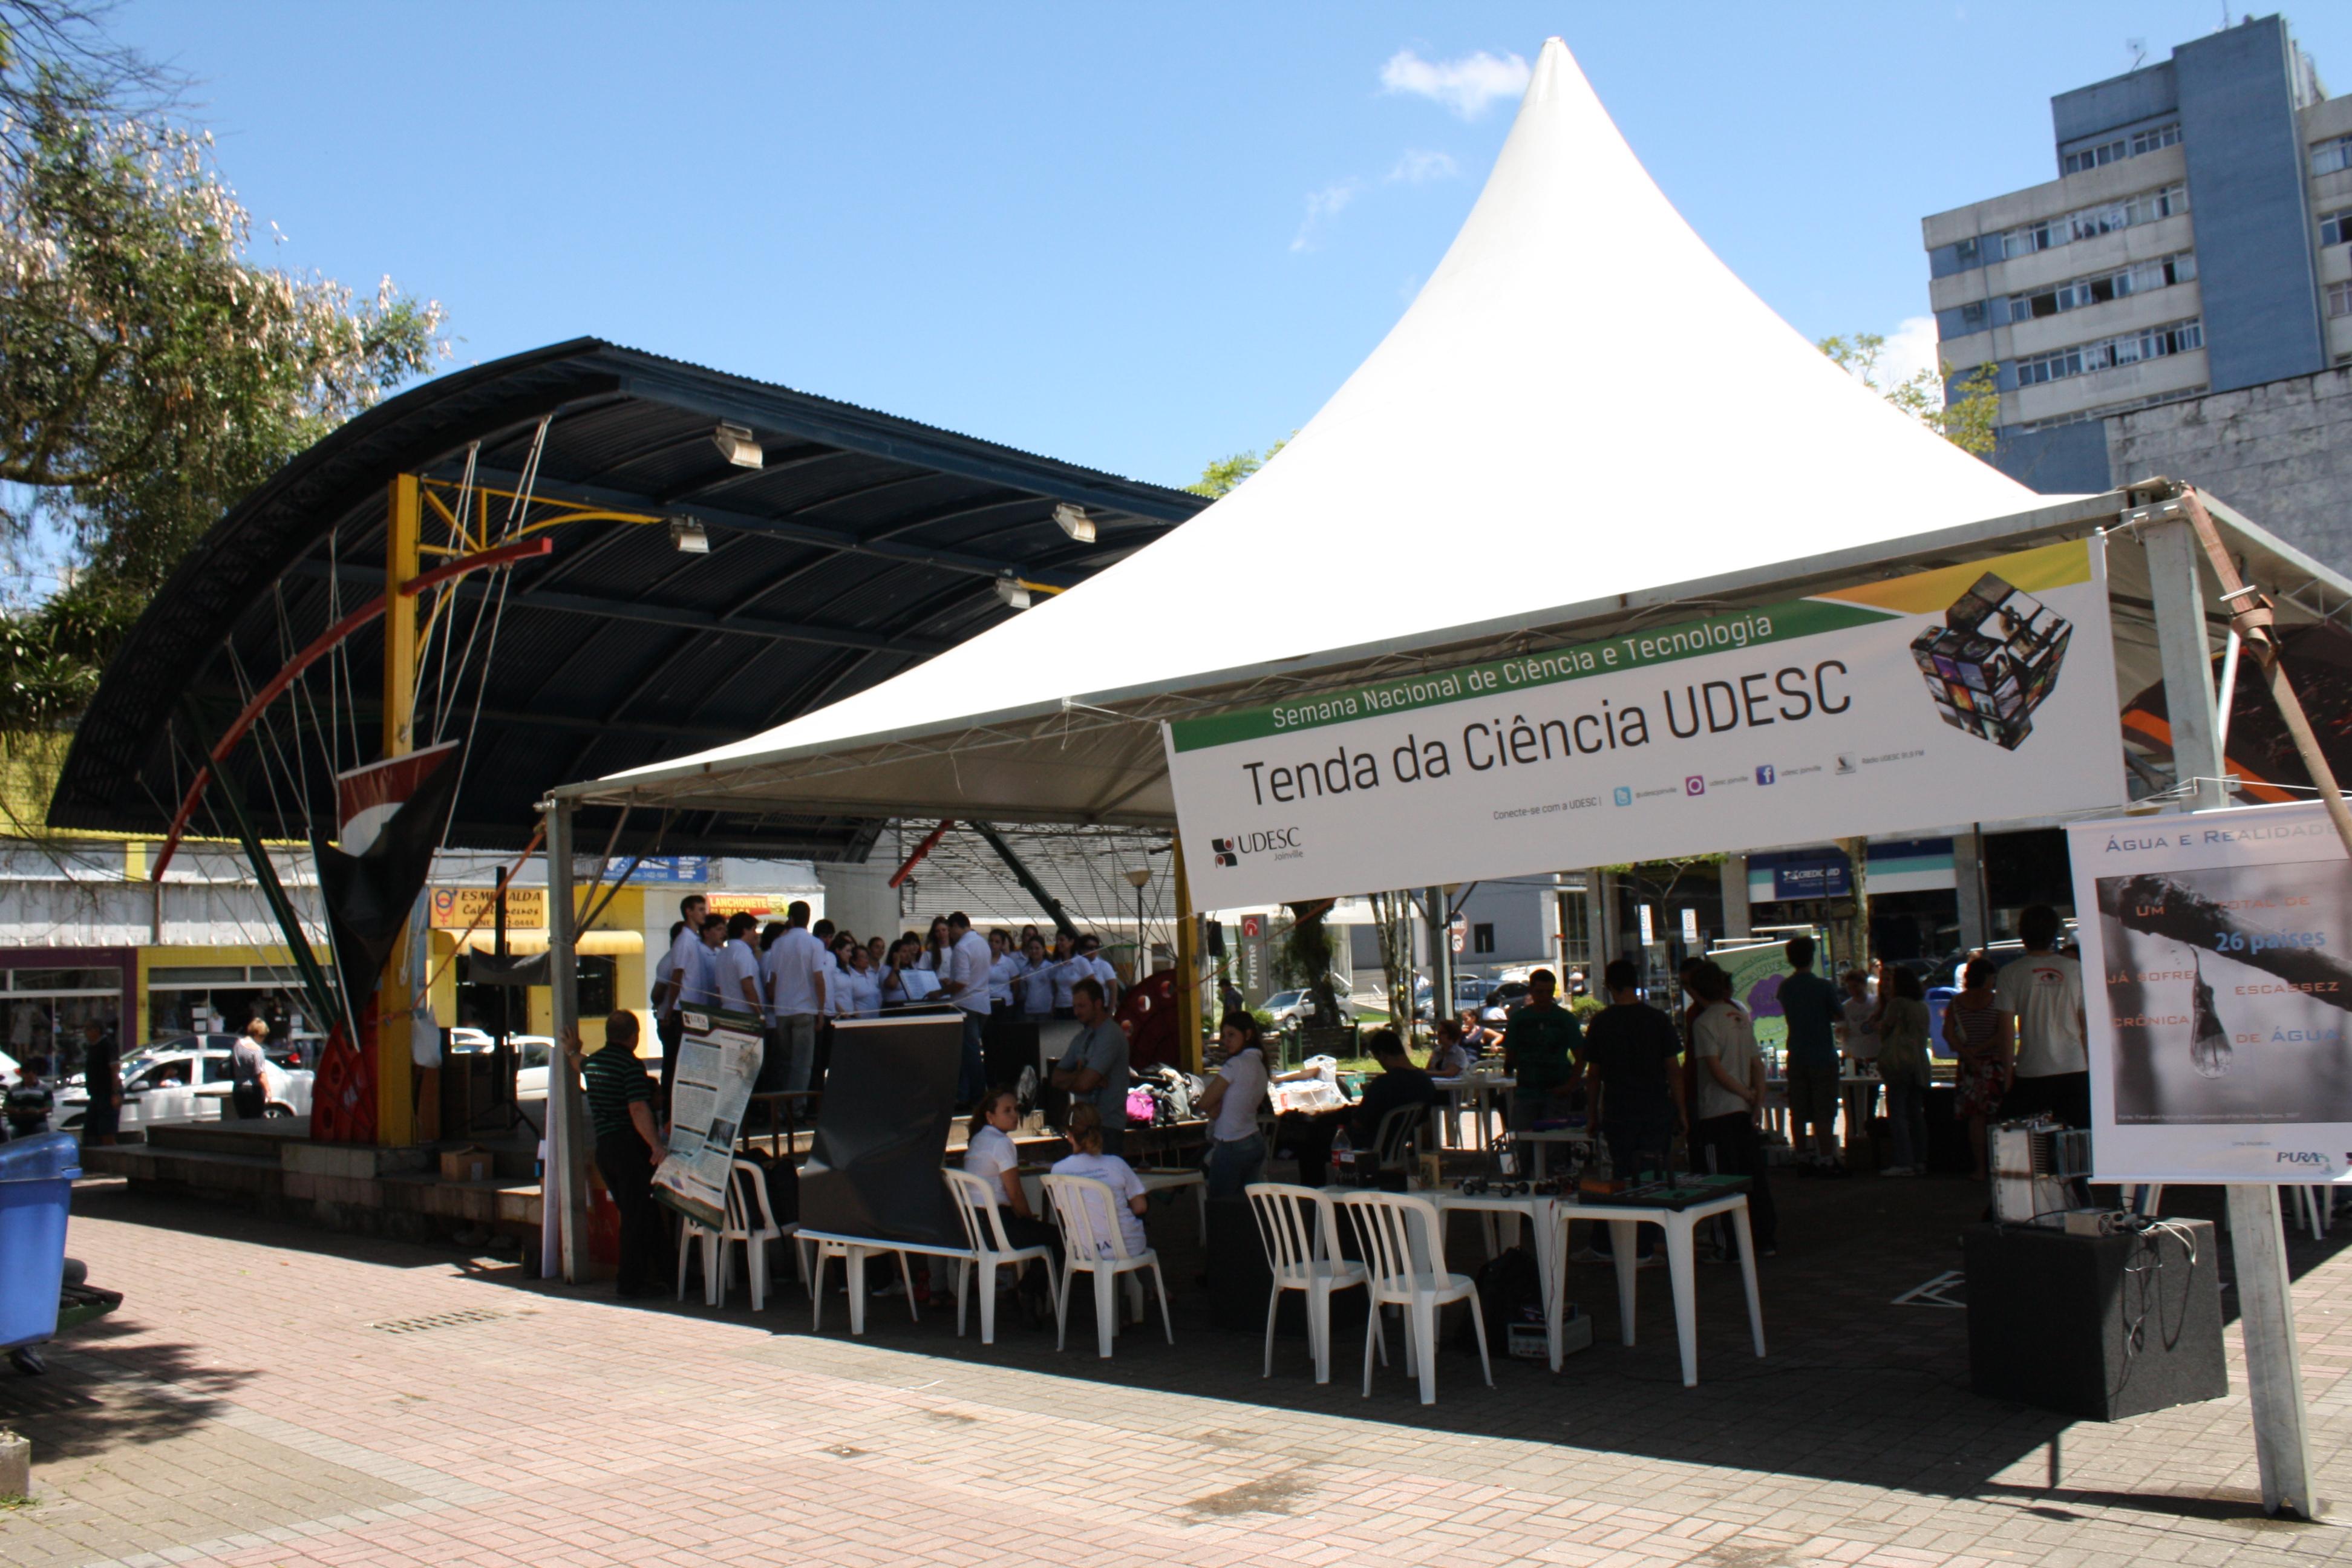 Tenda da Ciência UDESC estará presente no centro de Joinville nesta sexta-feira – 25/10